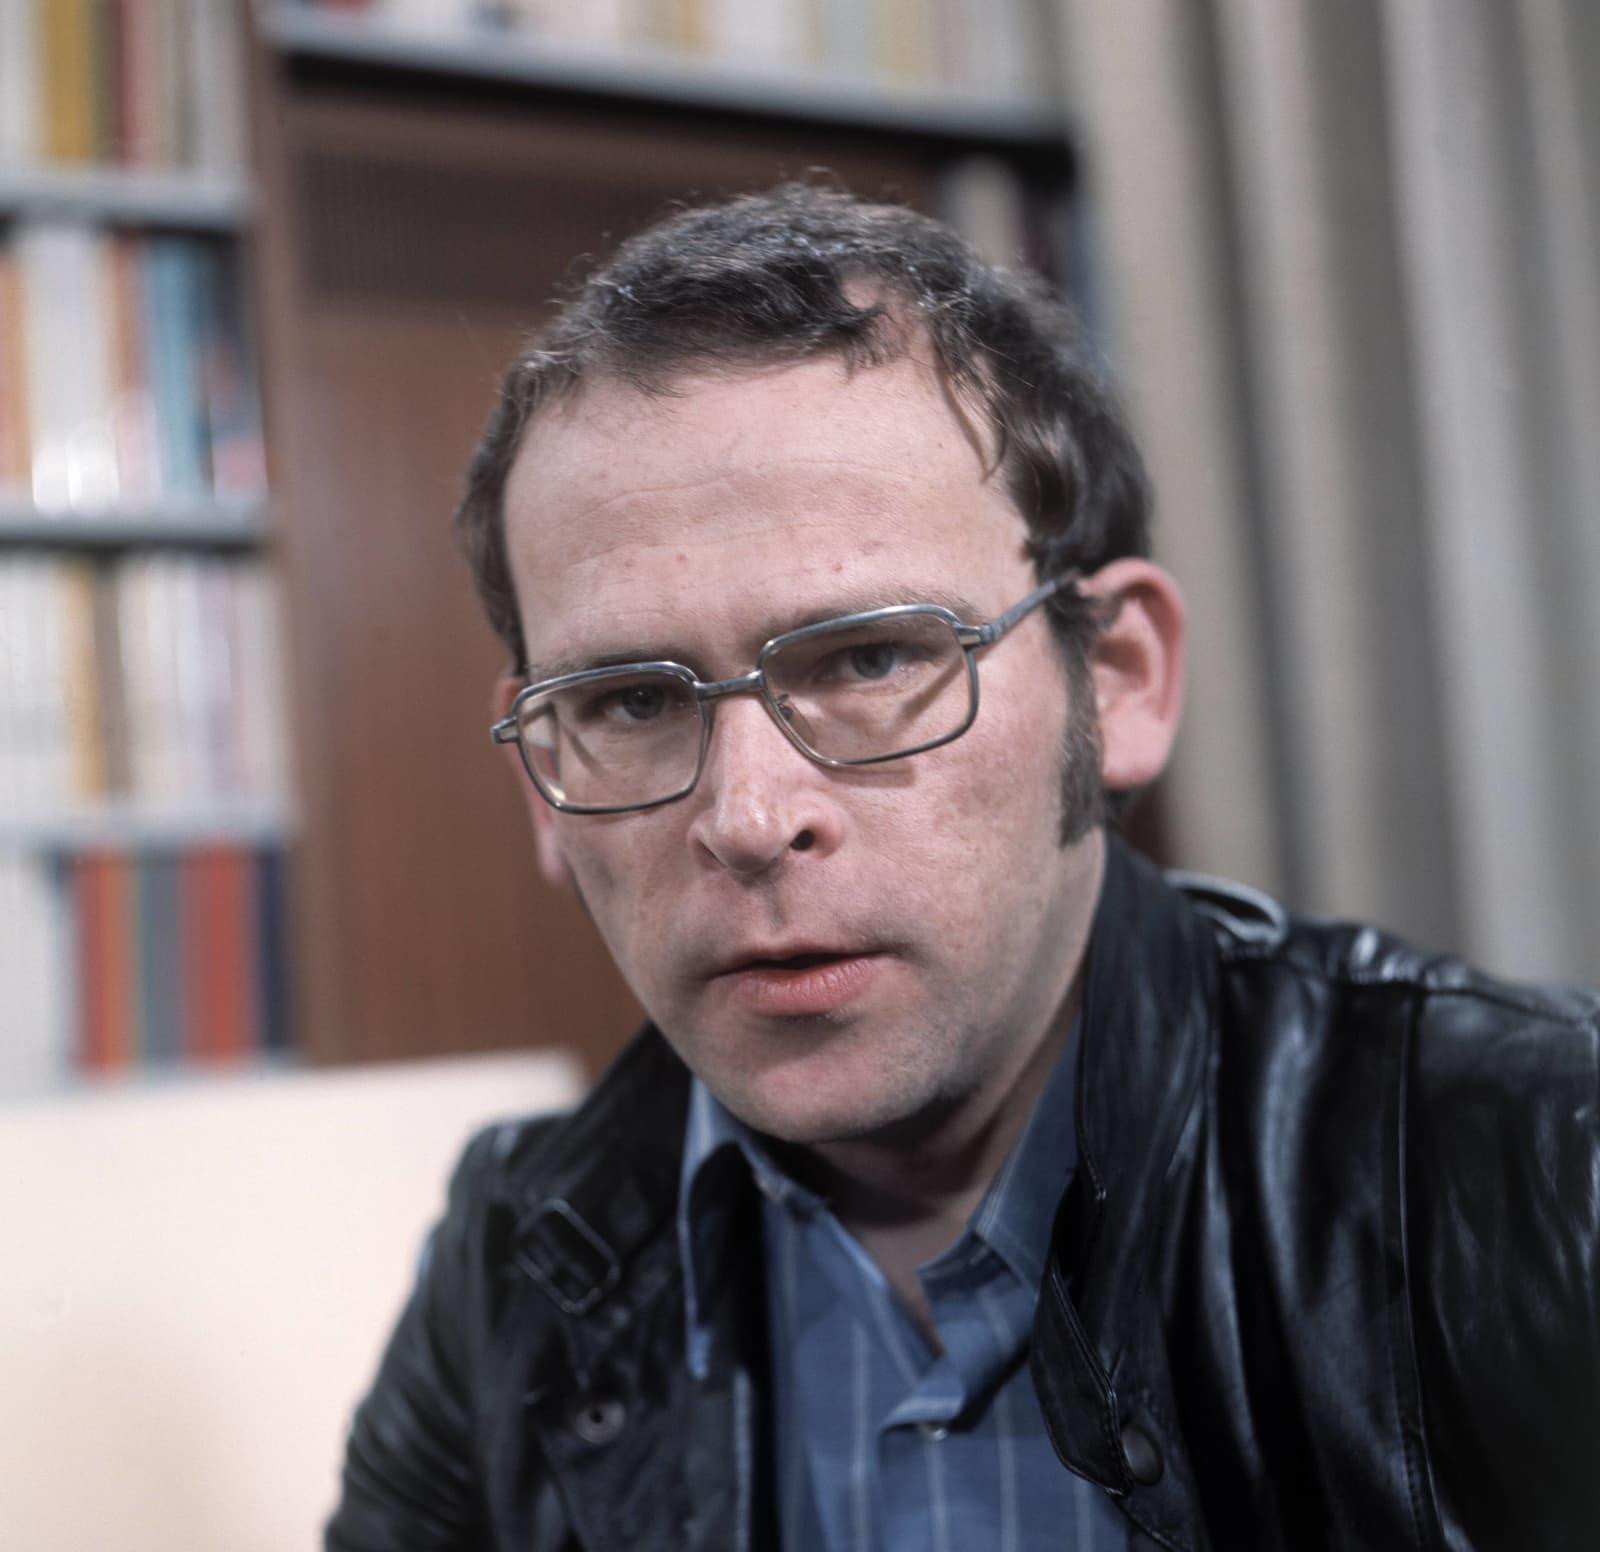 Günter Wallraff früher: So sah er in jungen Jahren aus